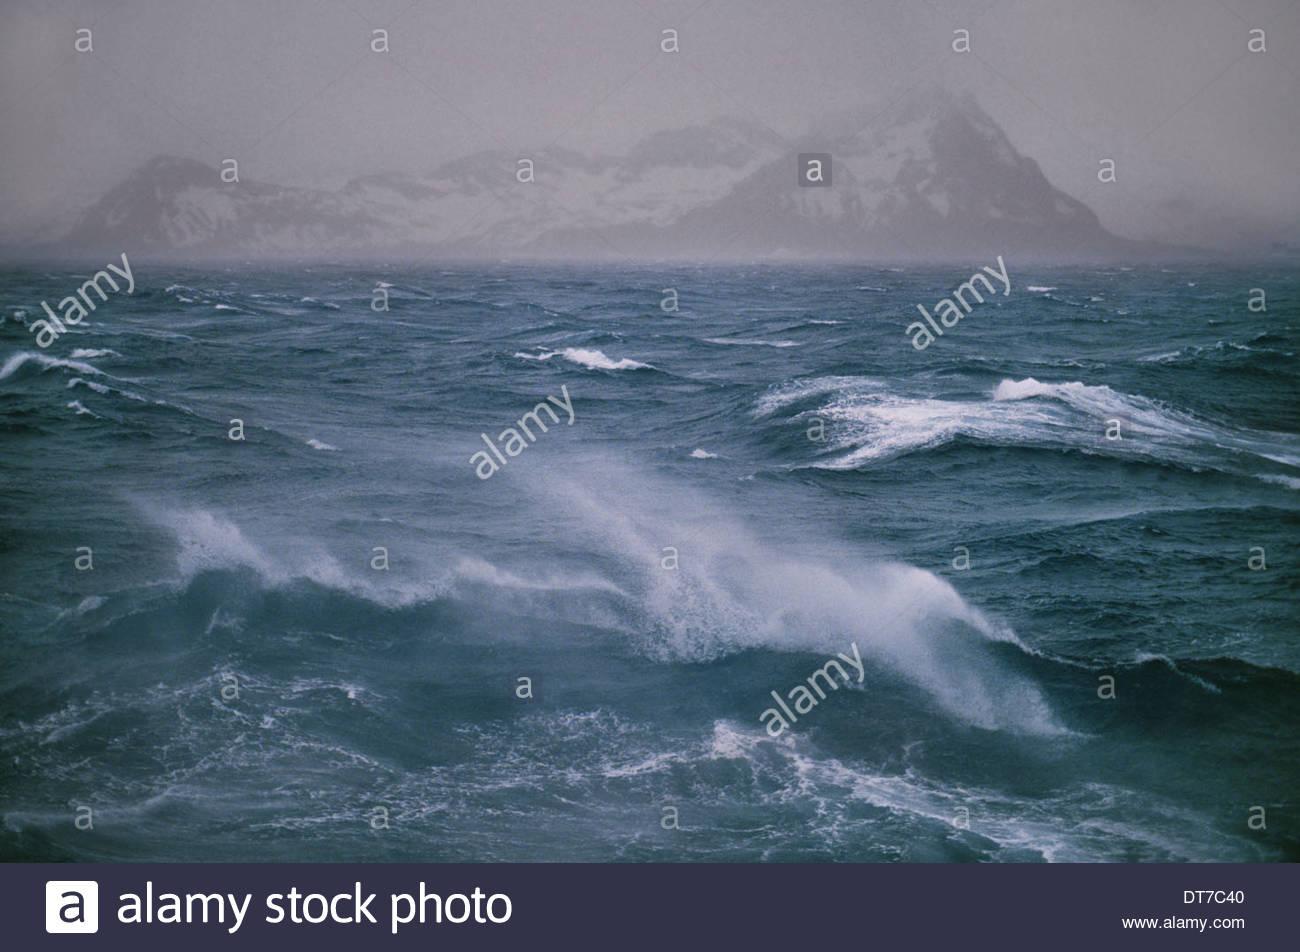 Une mer au large de la pointe nord de l'île de Géorgie du Sud dans l'île de Géorgie du Sud Iles Falkland Iles Falkland Photo Stock